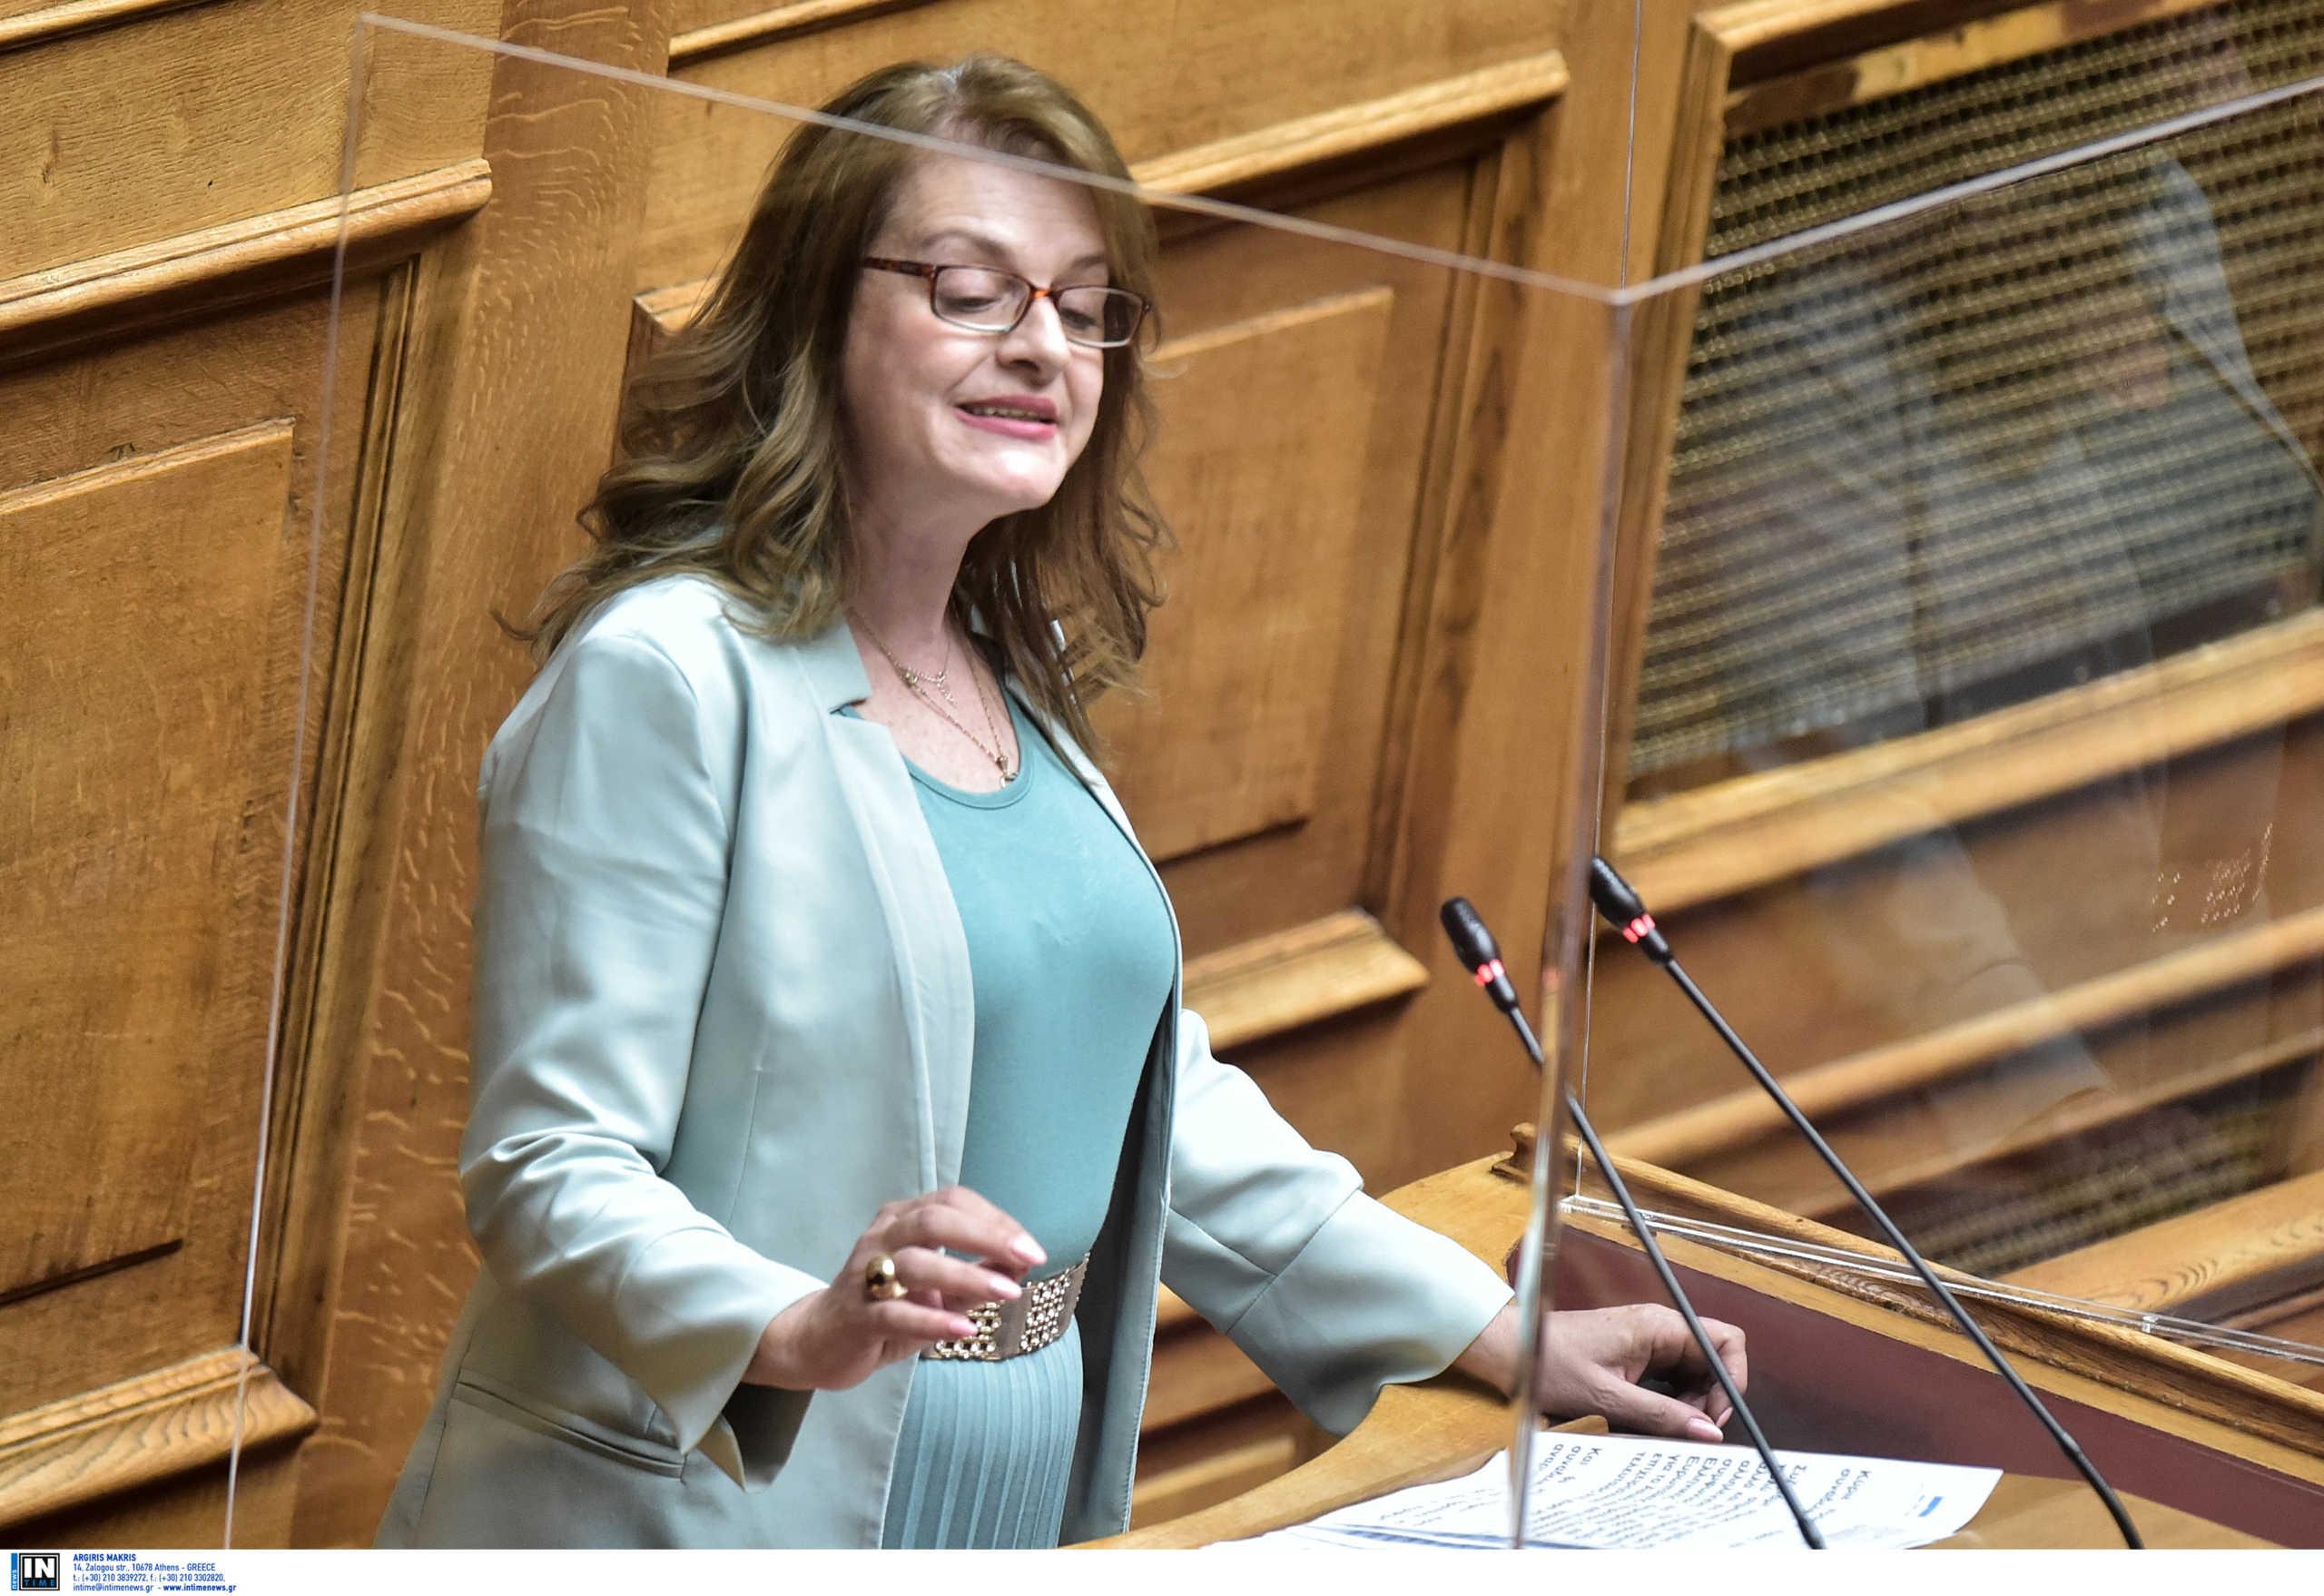 Βουλευτής ανεξαρτητοποιήθηκε και μετά το μετάνιωσε! Αλαλούμ στη Βουλή